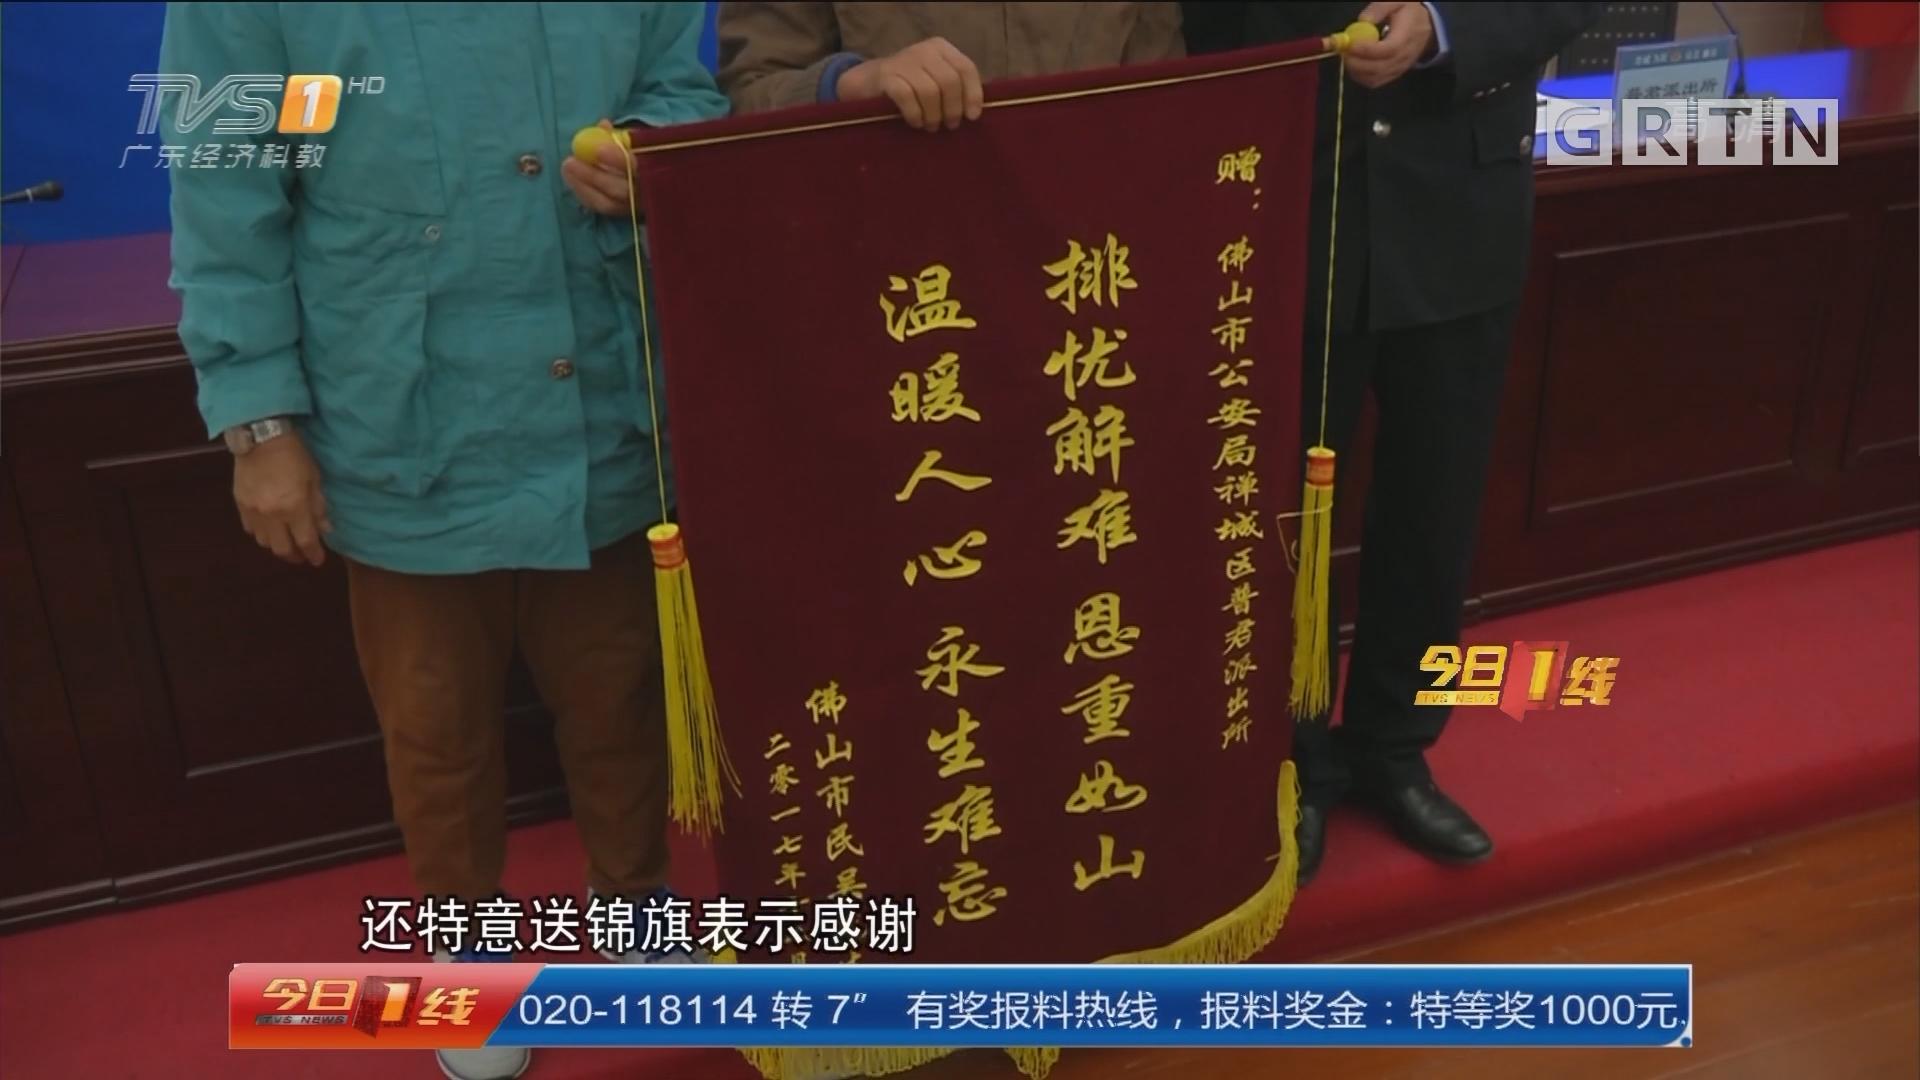 佛山禅城:200万巨款被骗走 警方快速追回